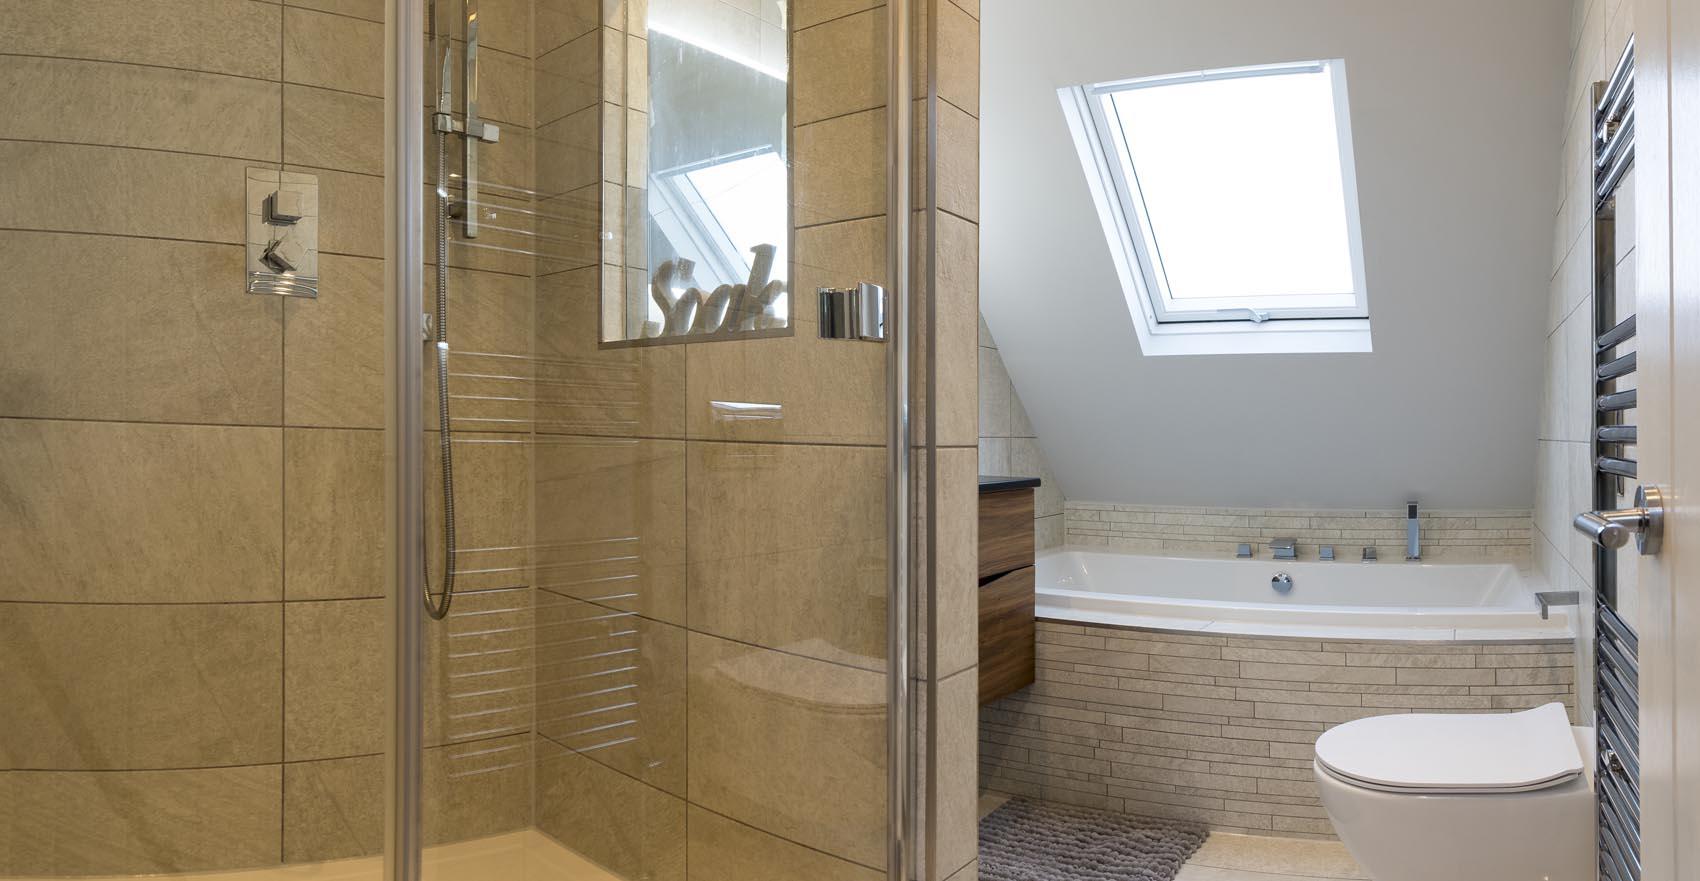 house bathroom 1.jpg